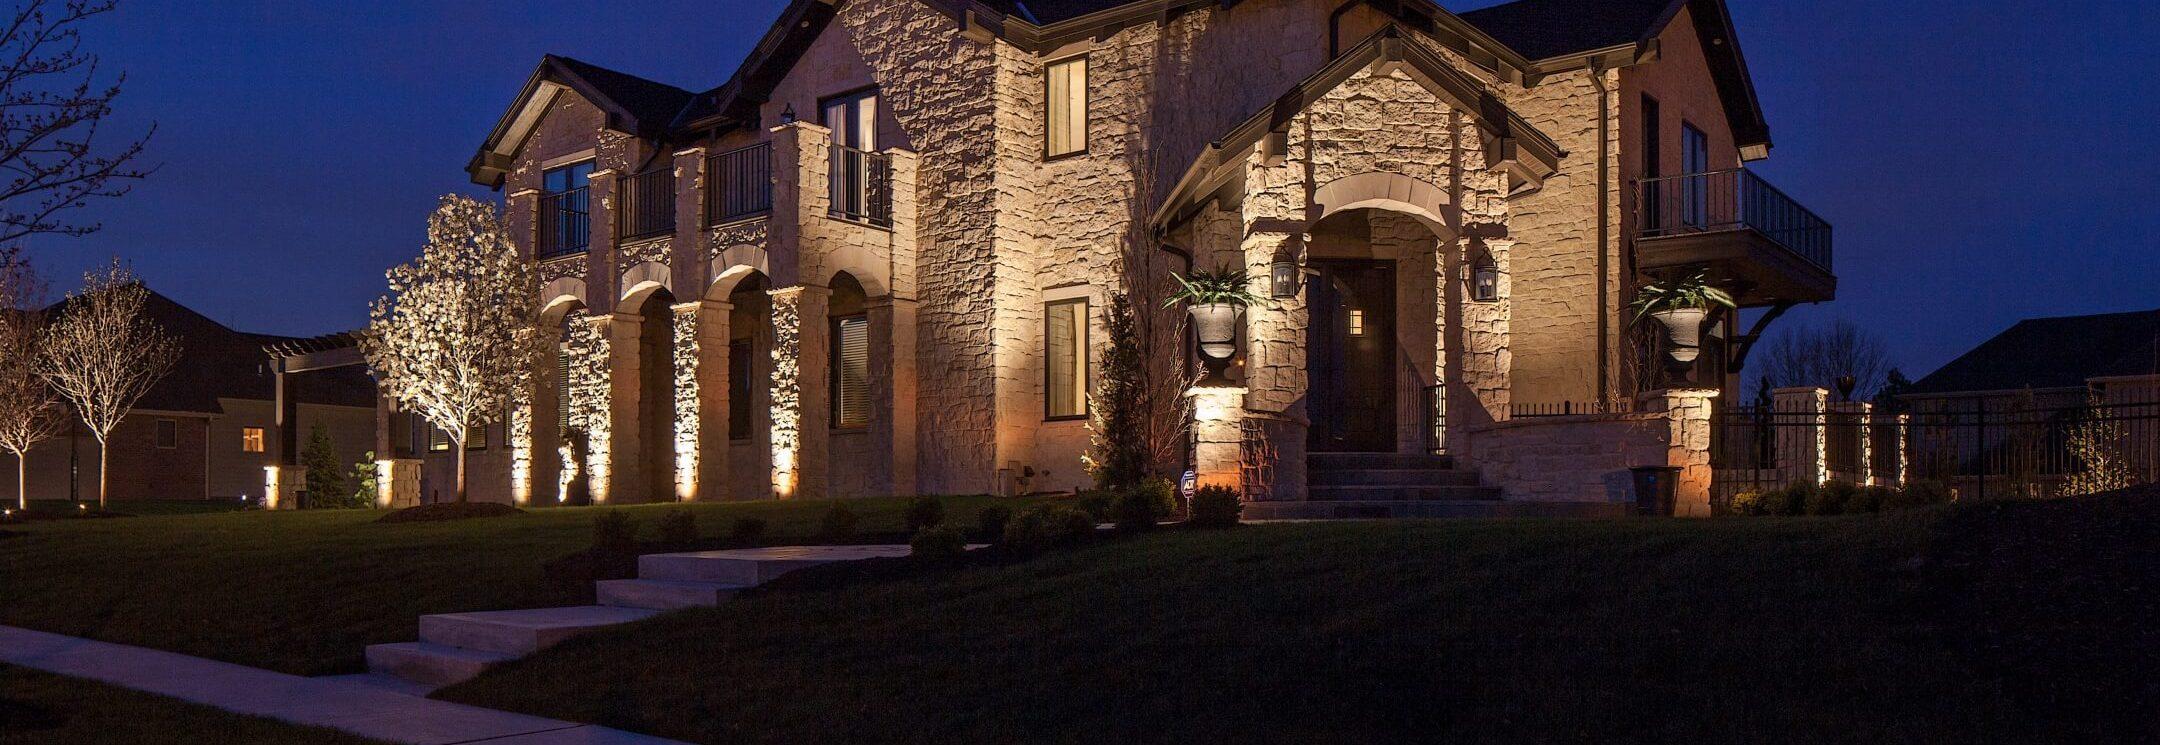 Landscape Lighting Lincoln Nebraska